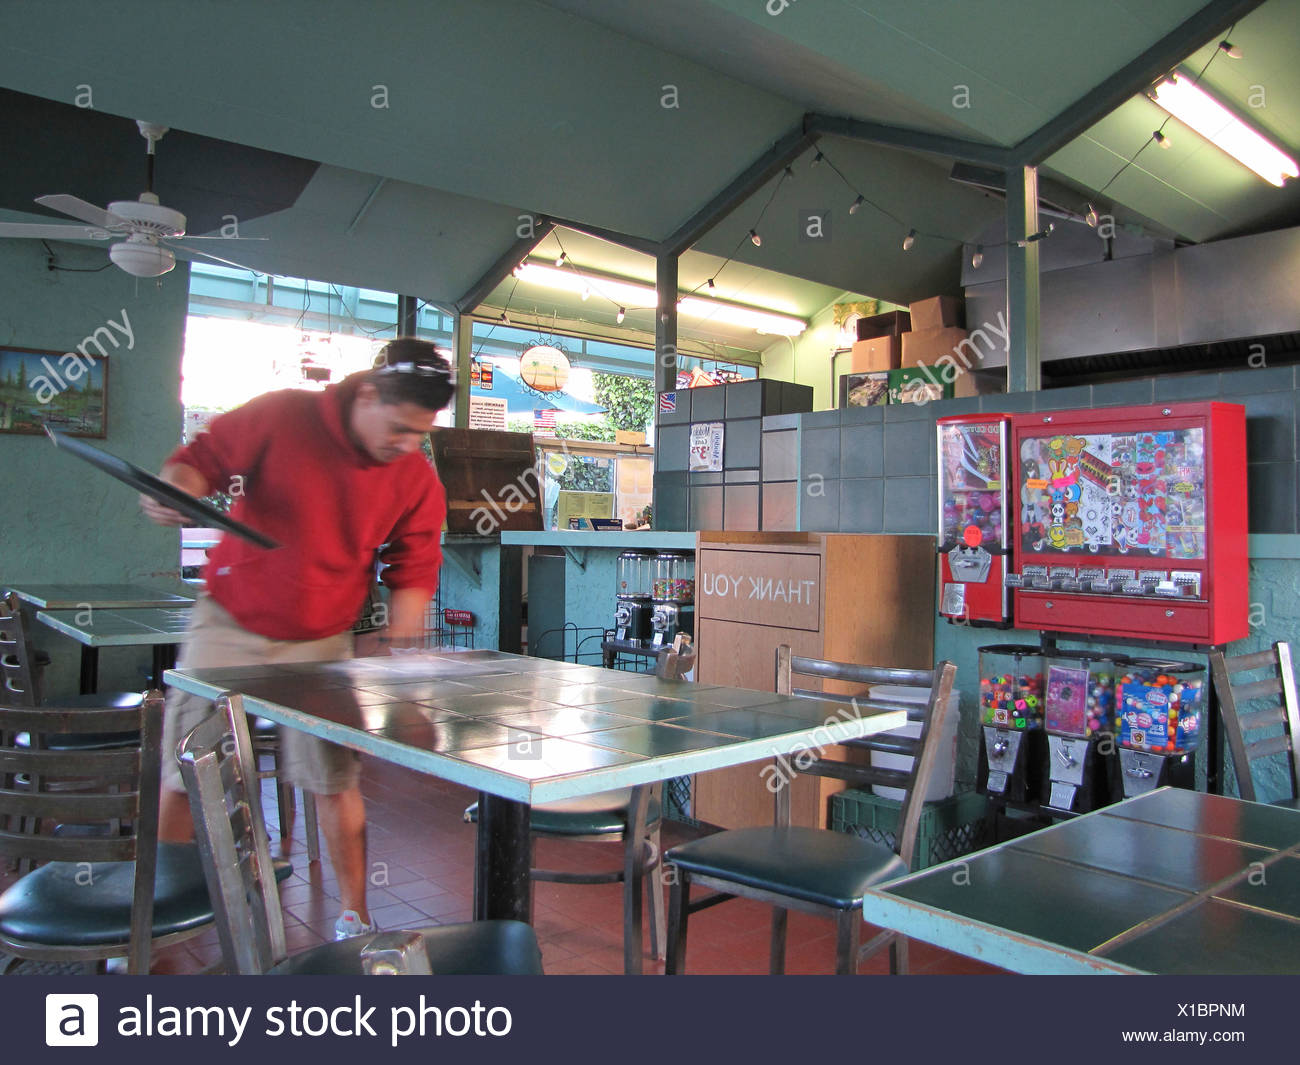 L'uomo tabella di pulizia in American fast food, chewing-gum macchina a sinistra dell'immagine, USA, California, Santa Cruz Immagini Stock